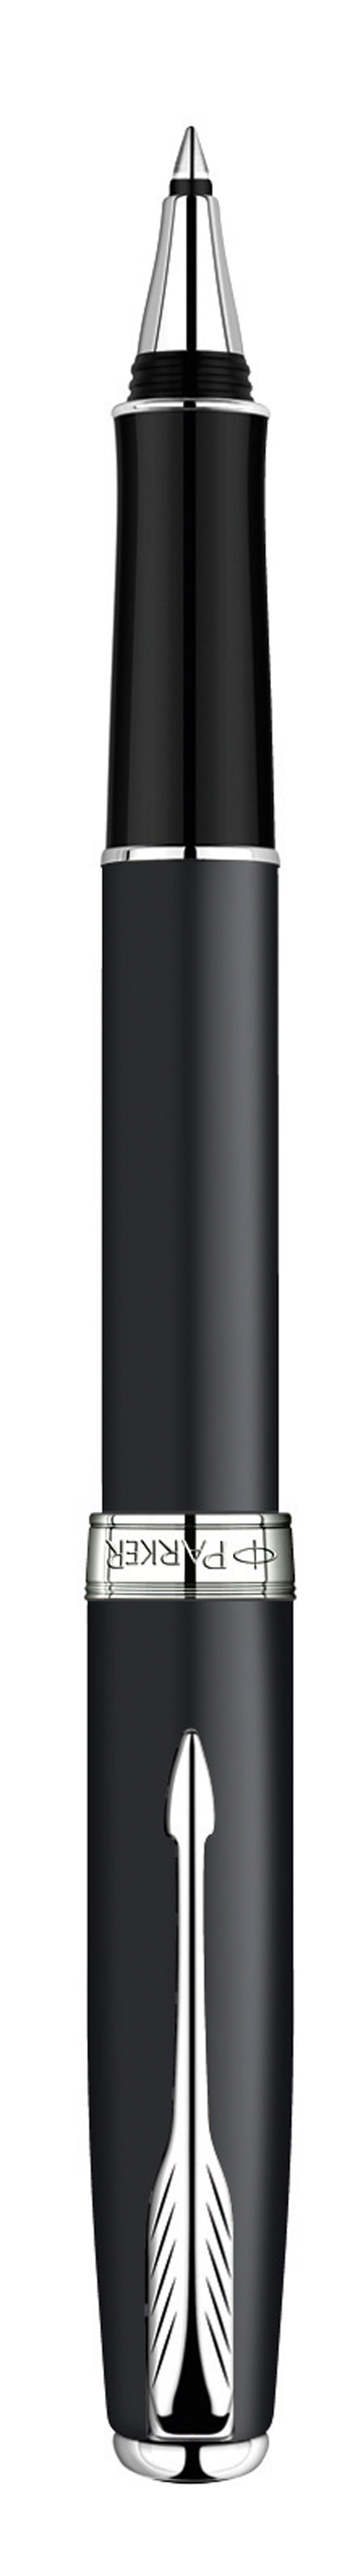 Роллер Sonnet Matte Black CT. PARKER-S081811072523WDРучка-роллер Паркер Сонет Матт Блэк Лак Си Ти. Инструмент для письма, линия письма - тонкая, цвет чернил черный, в подарочной упаковке. Произведено во Франции.